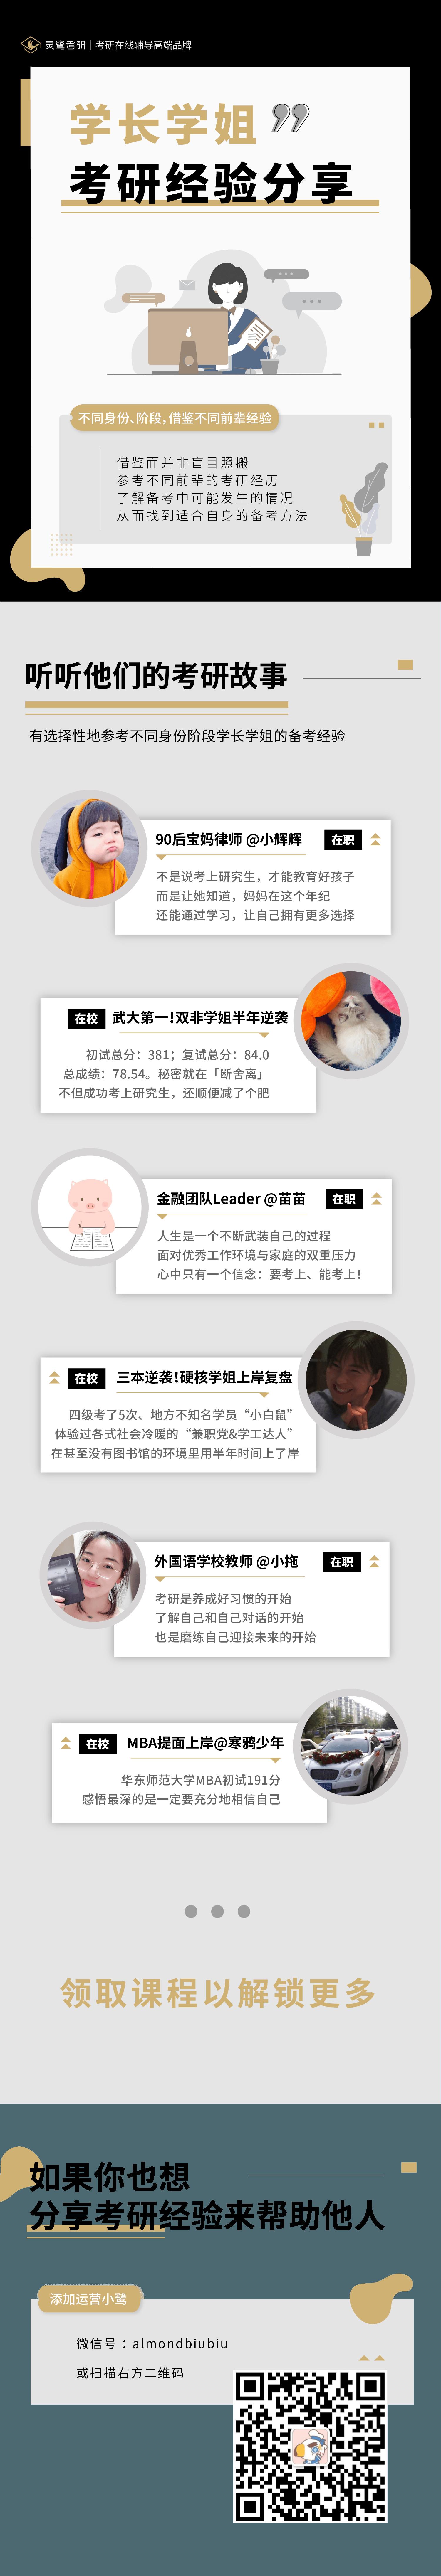 学长学姐课程详情.png